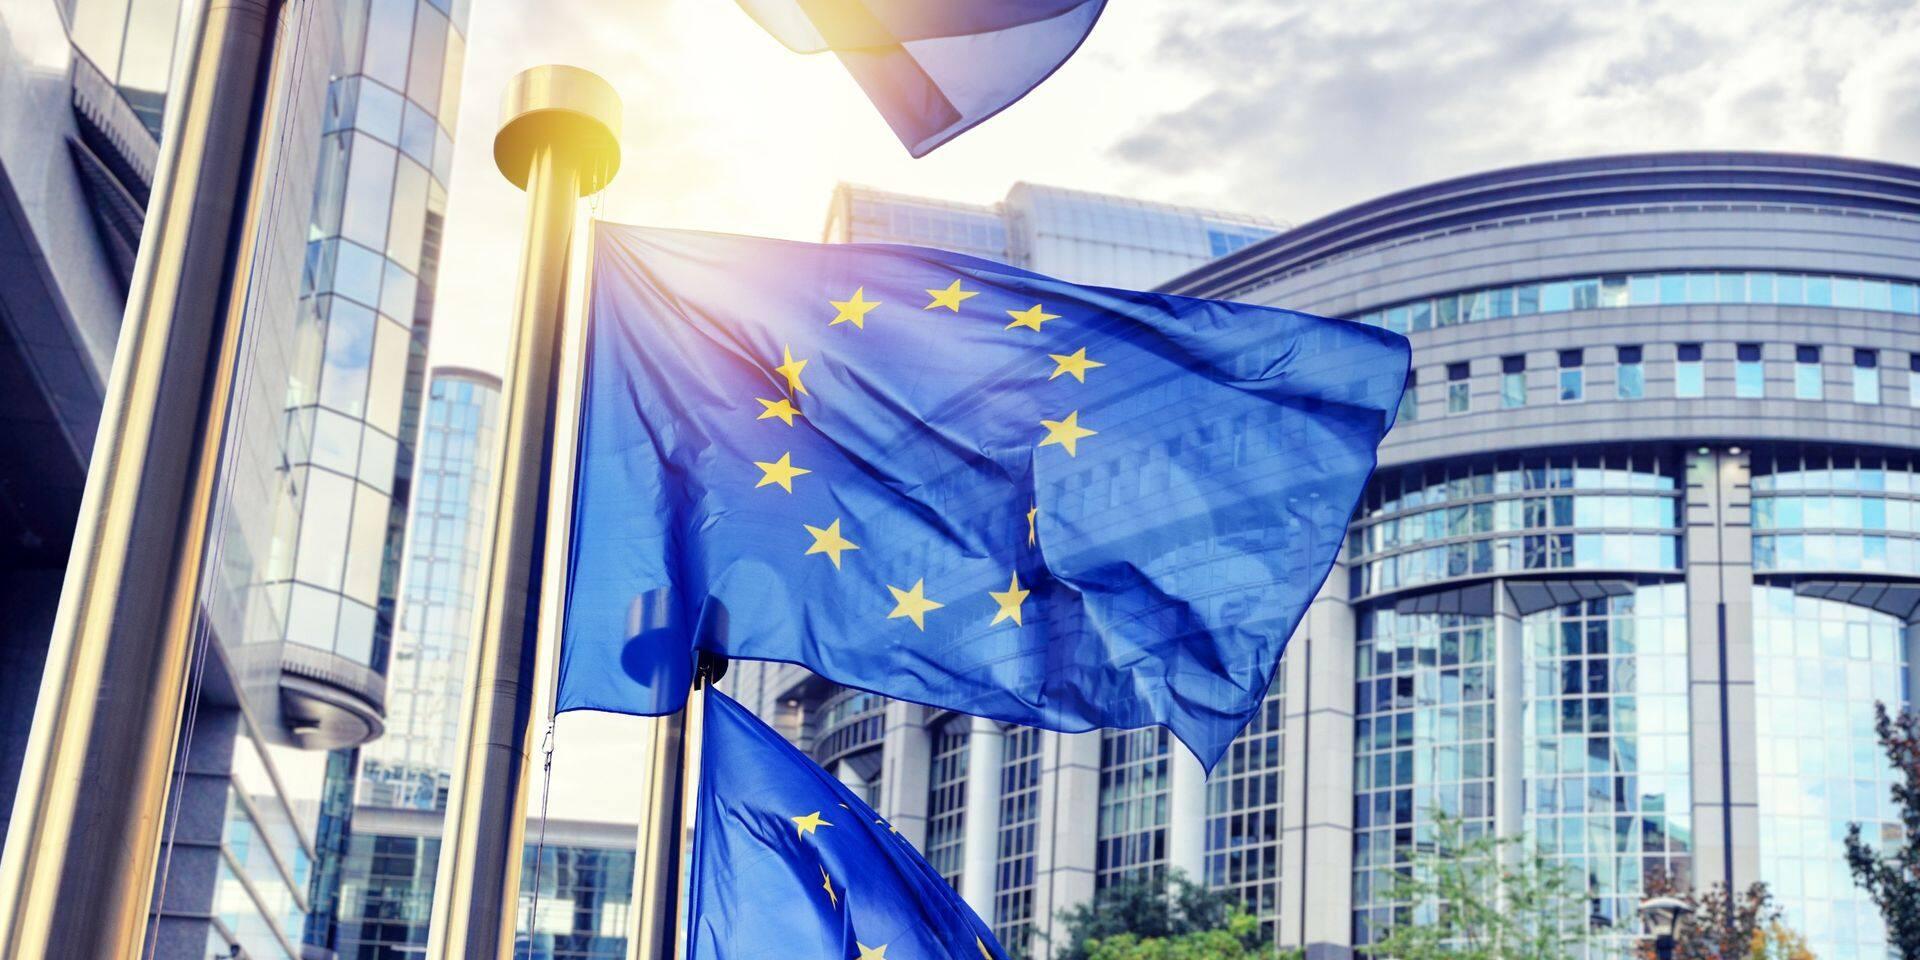 Le Parlement européen met les dirigeants sous pression avant un sommet avec la Chine